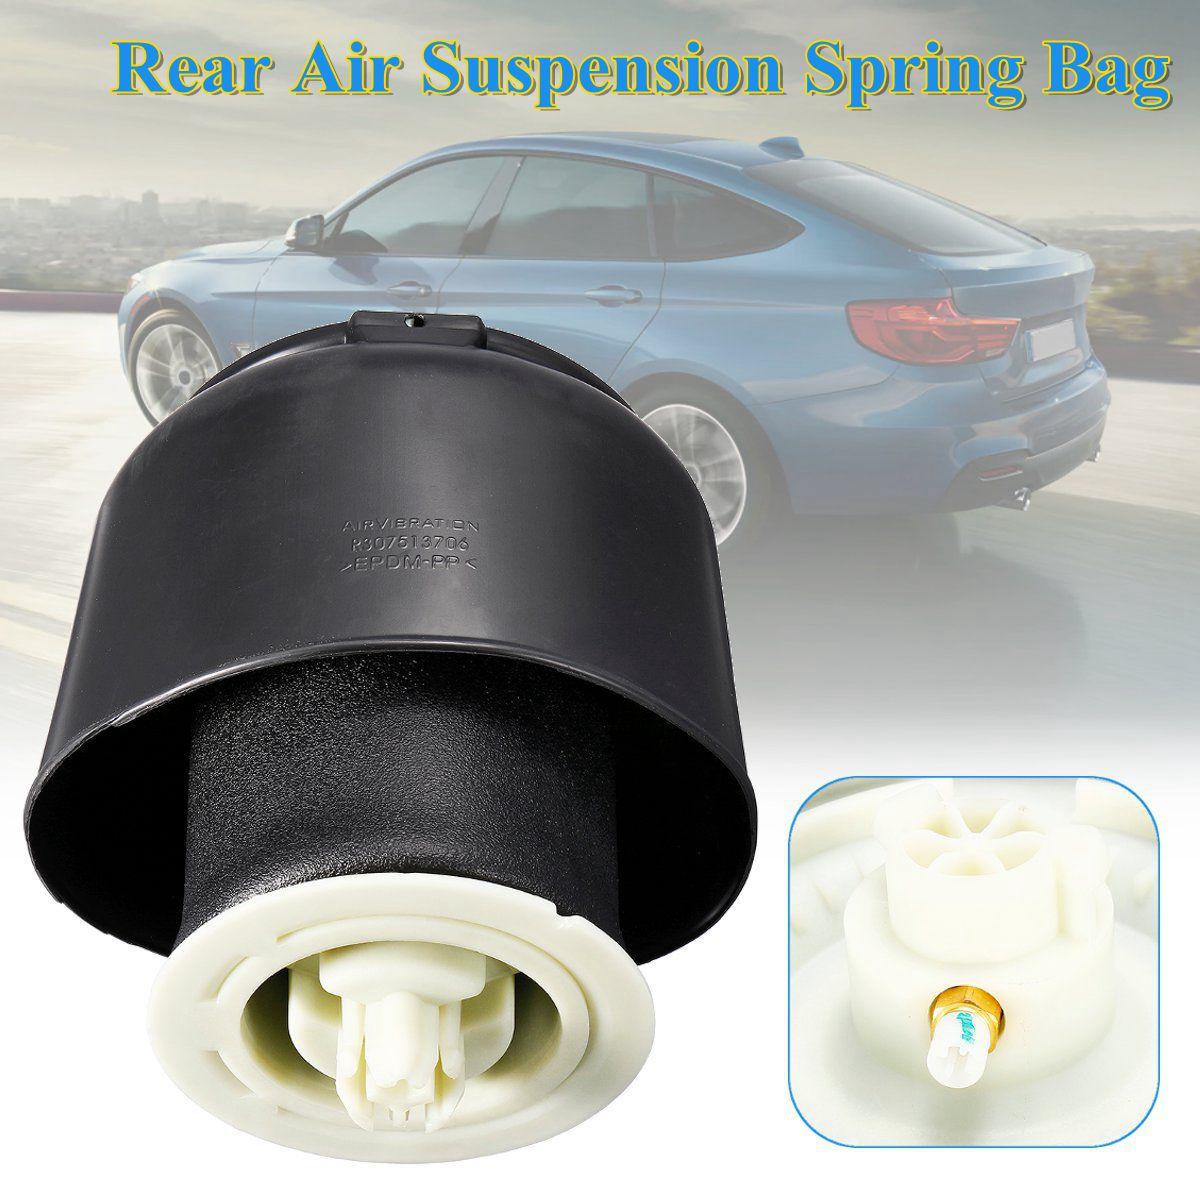 Nova mola de suspensão a ar traseira fole saco com capa protetora contra poeira para bmw f07 gt f10 f11 #37106781827 371067818 37106781828